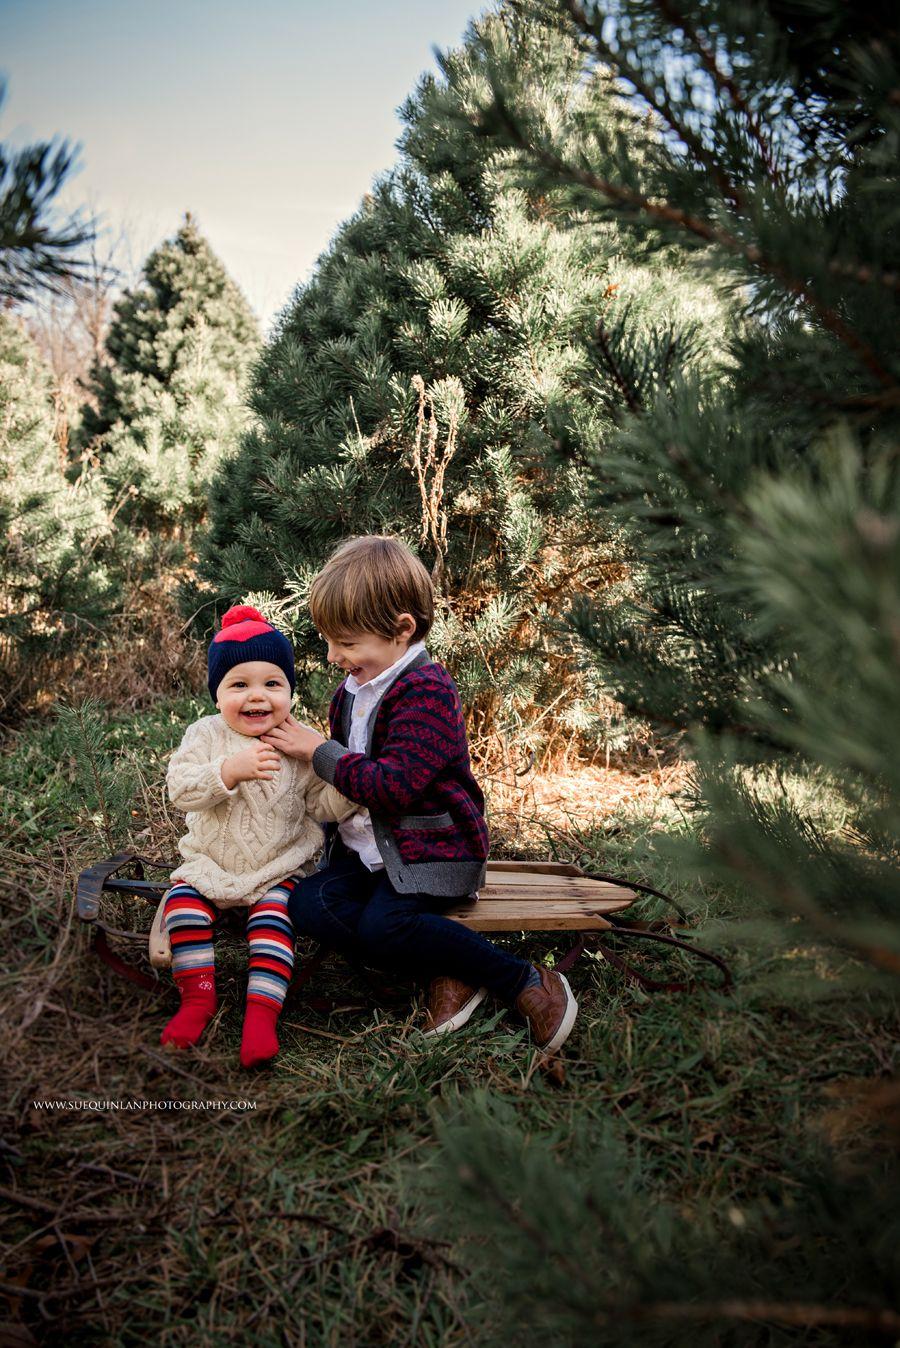 Styledholidaymini Holidaymini Minishoot Xmasshoot Xmasphotoshoot Christmastphotosho Family Christmas Pictures Christmas Photography Family Holiday Photos